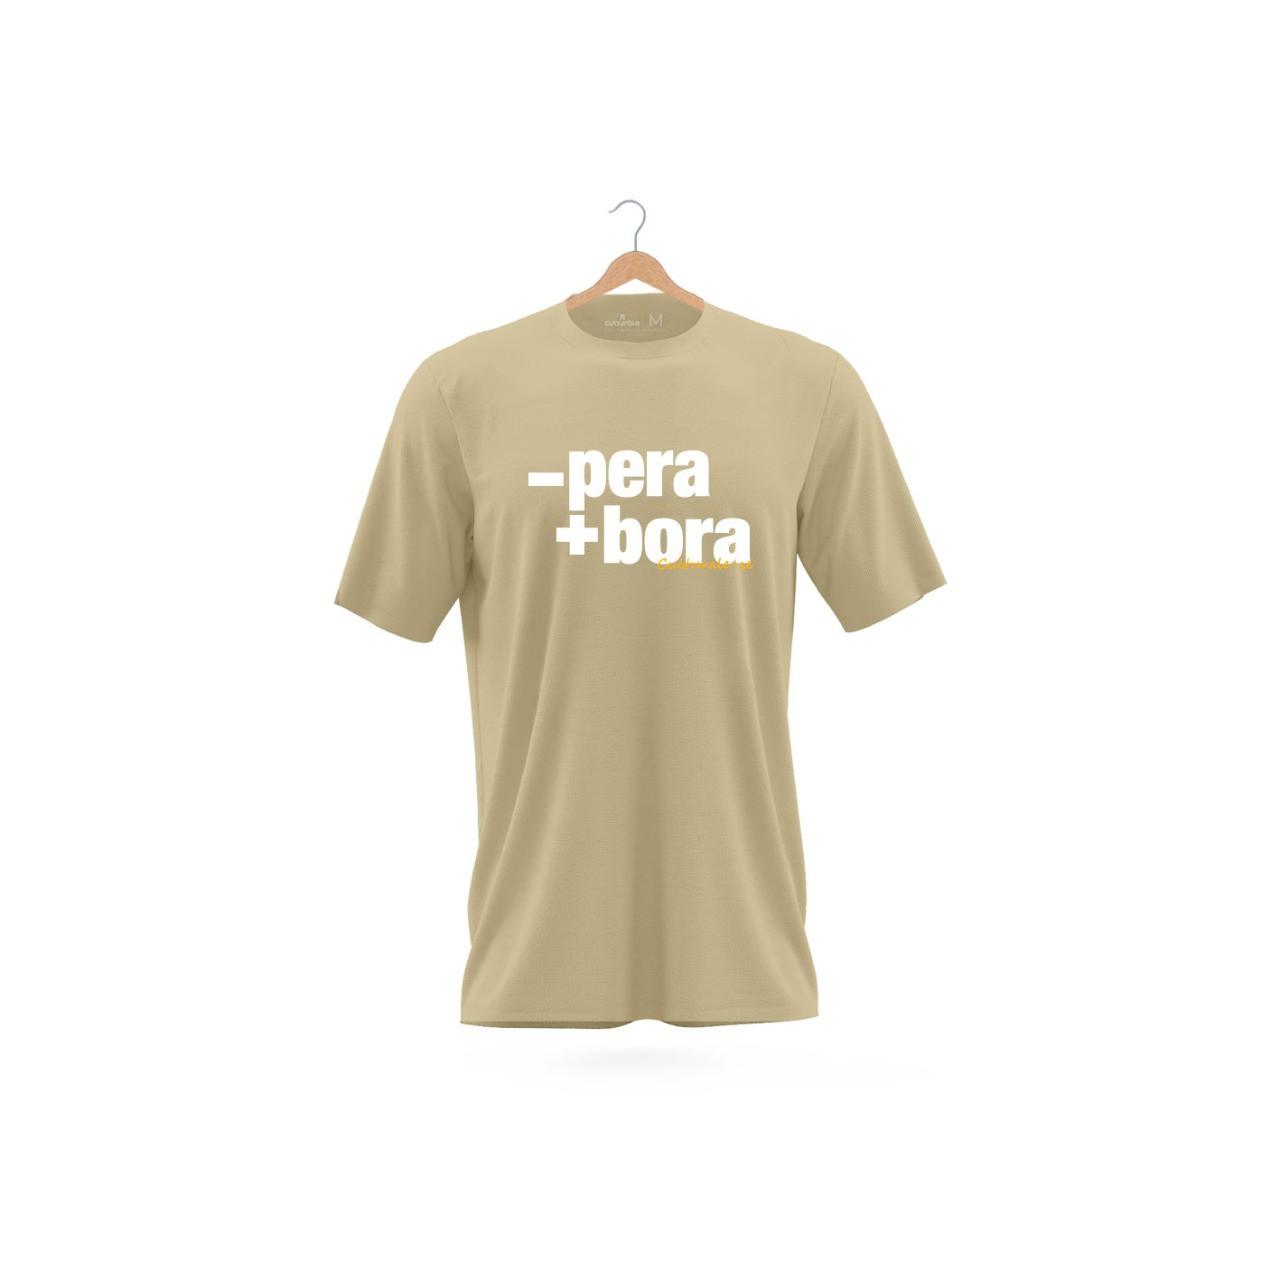 CAMISETA T-SHIRT STONED - PERA + BORA - AREIA